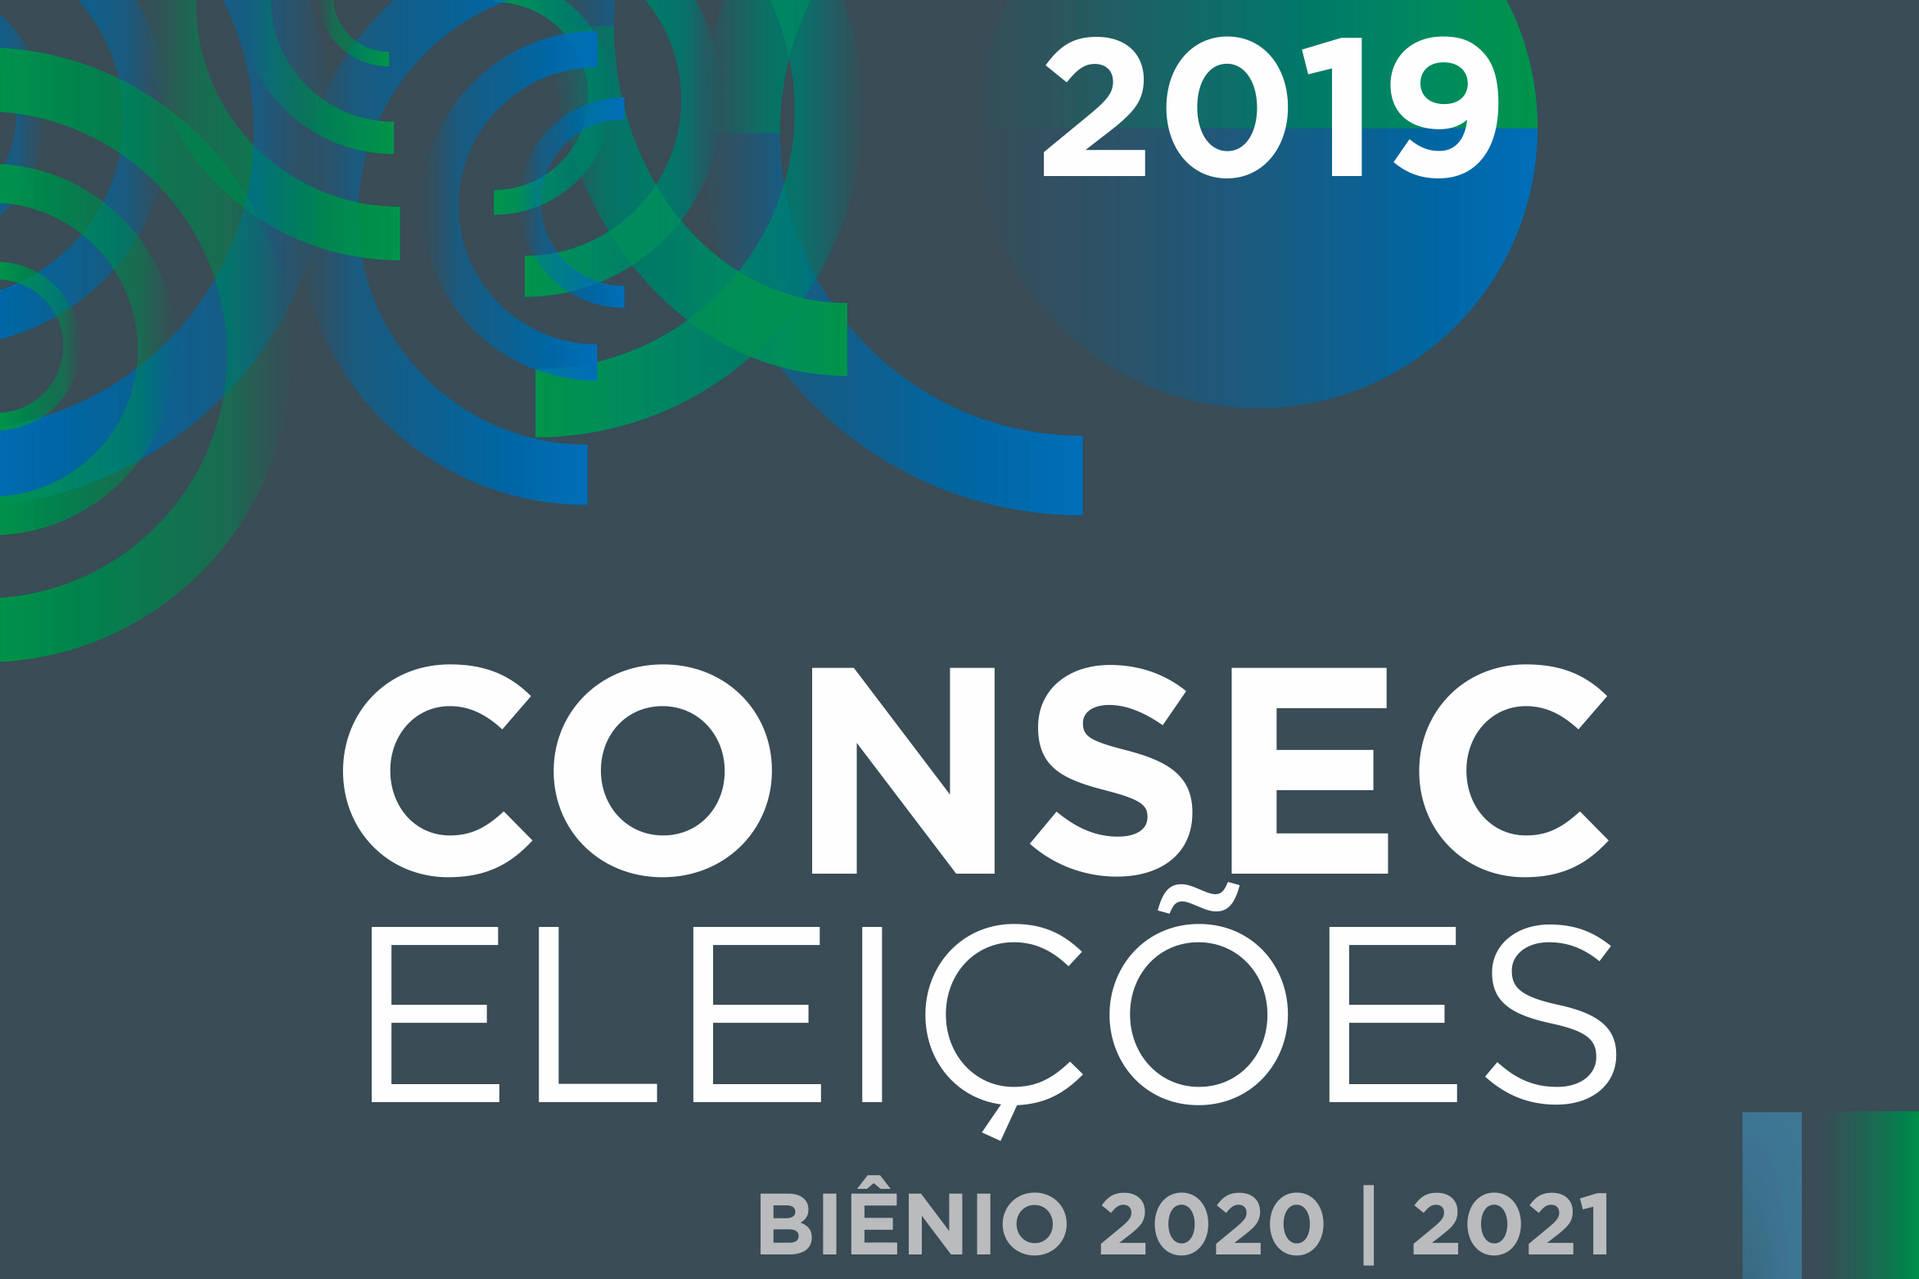 Eleição, que será realizada online, ocorre no dia 4 de dezembro de 2019.